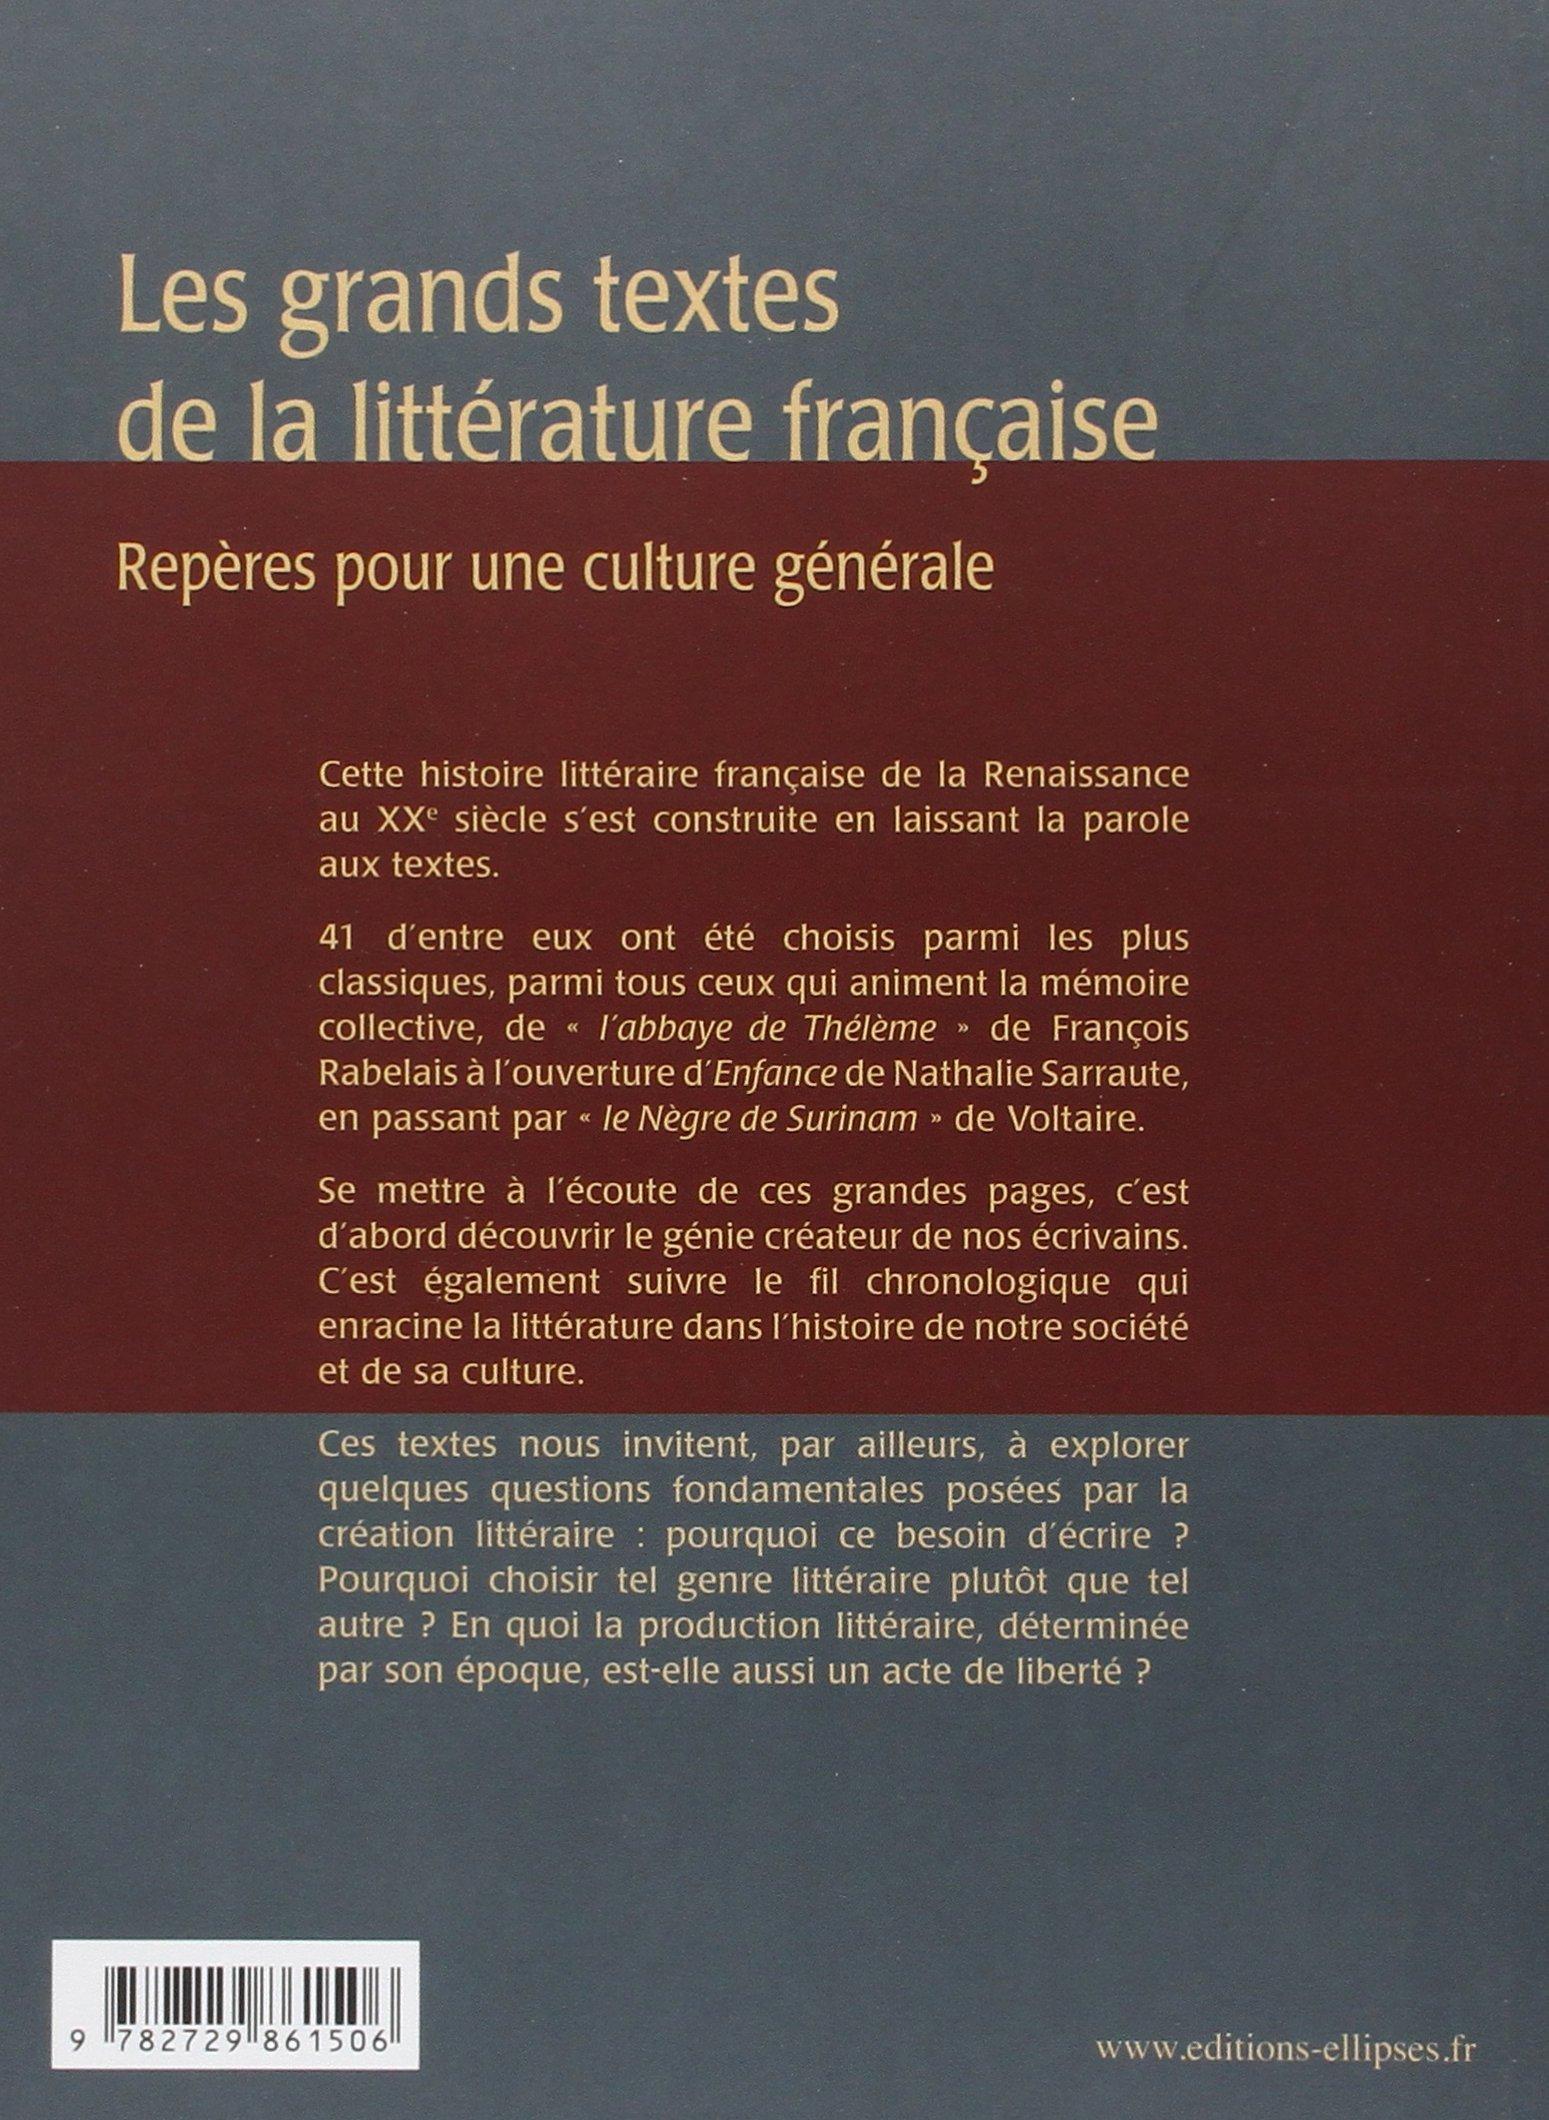 Amazon.fr - Les grands textes de la littérature française - Francis Collet  - Livres